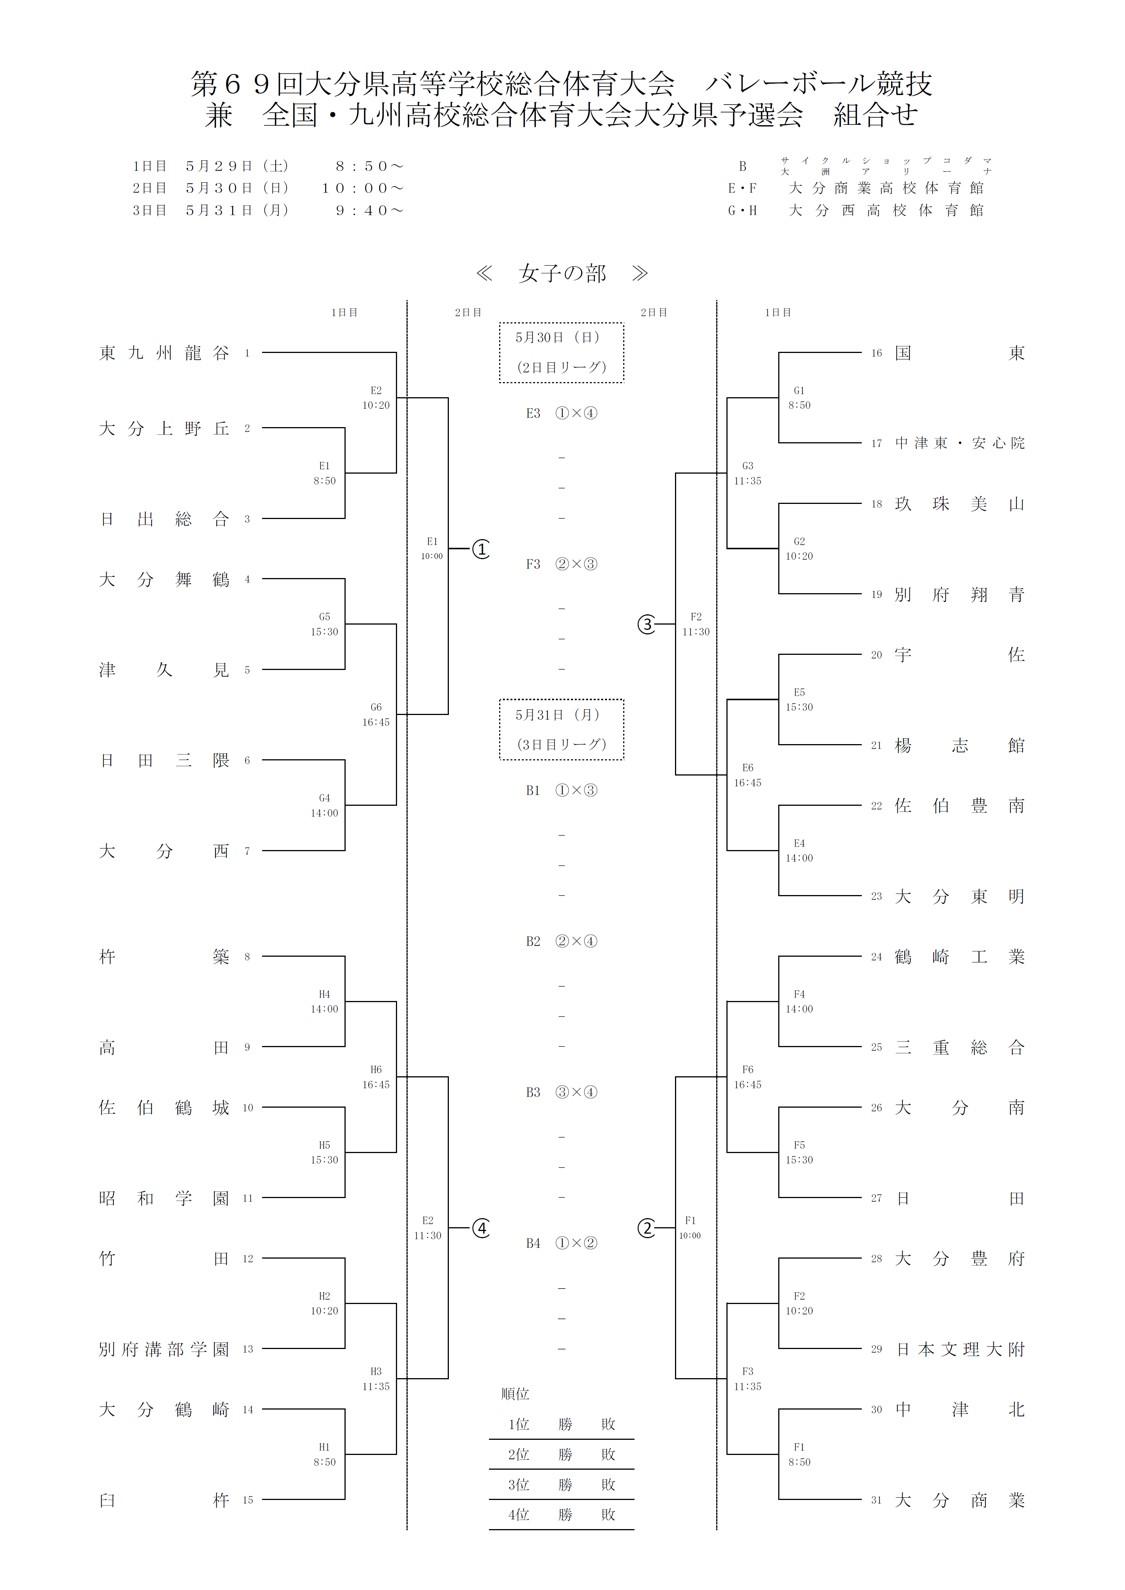 2021年度_インターハイ予選_大分県予選_女子_組合せ